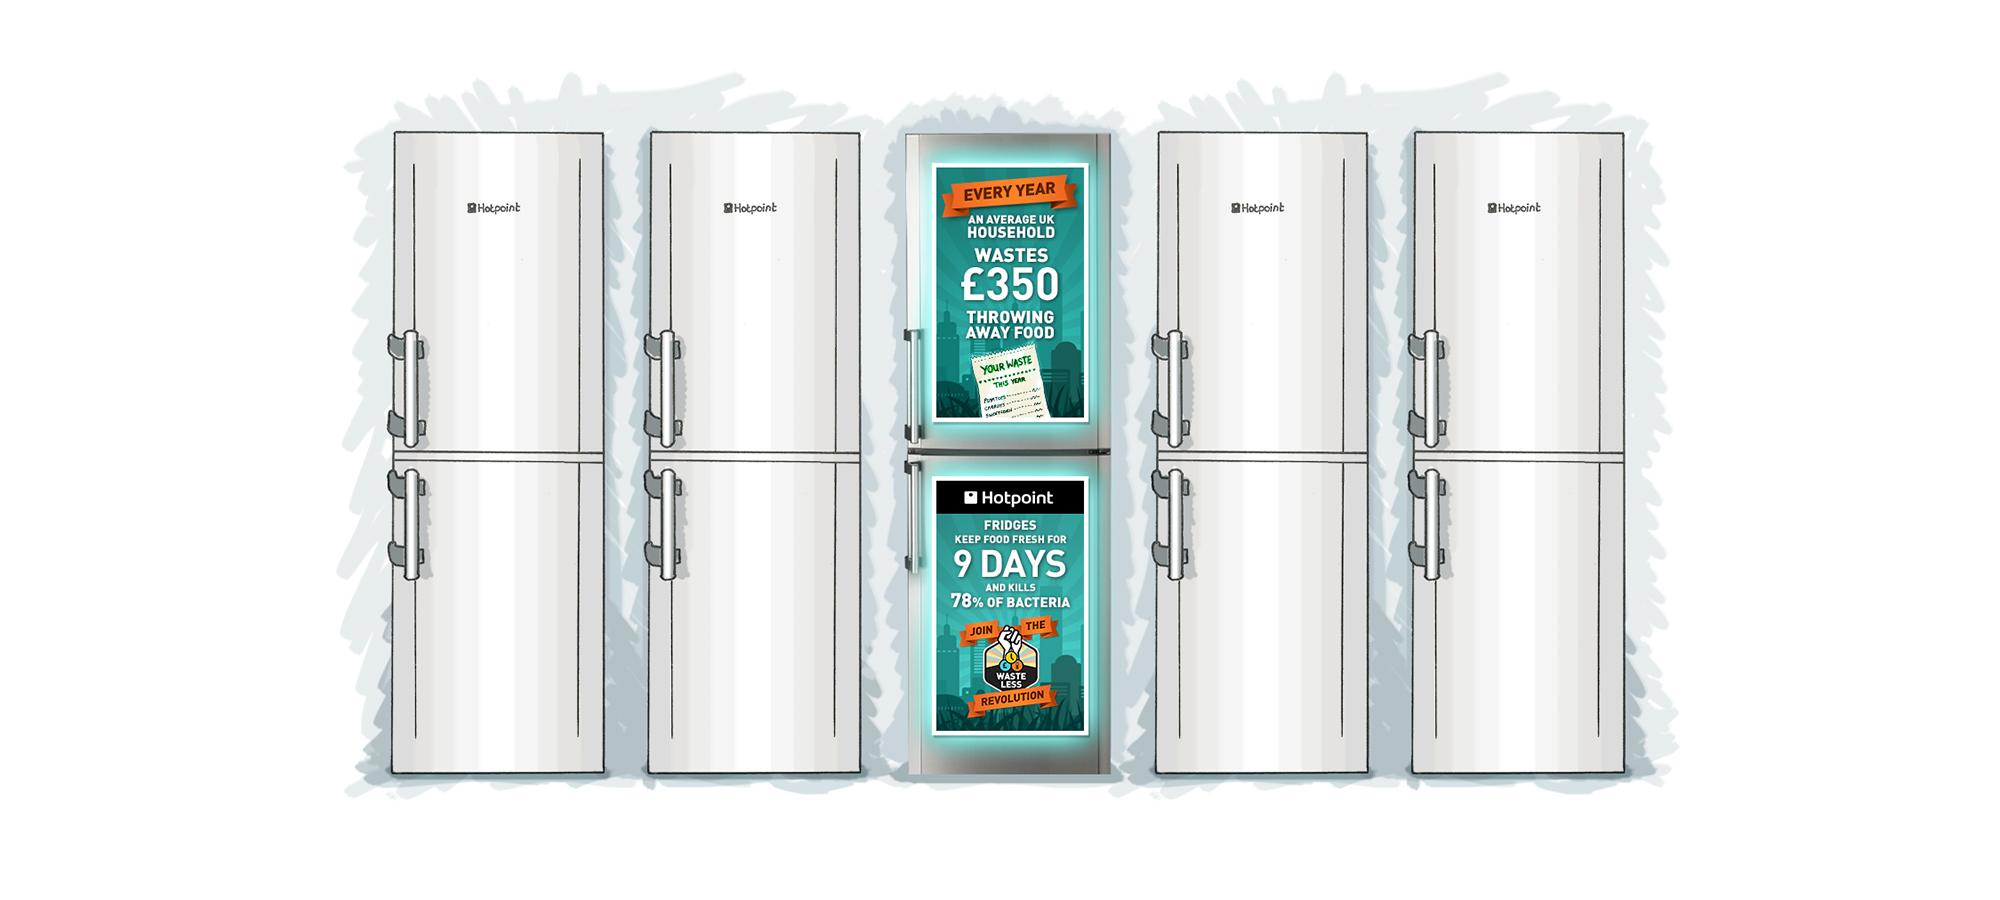 fridges designs